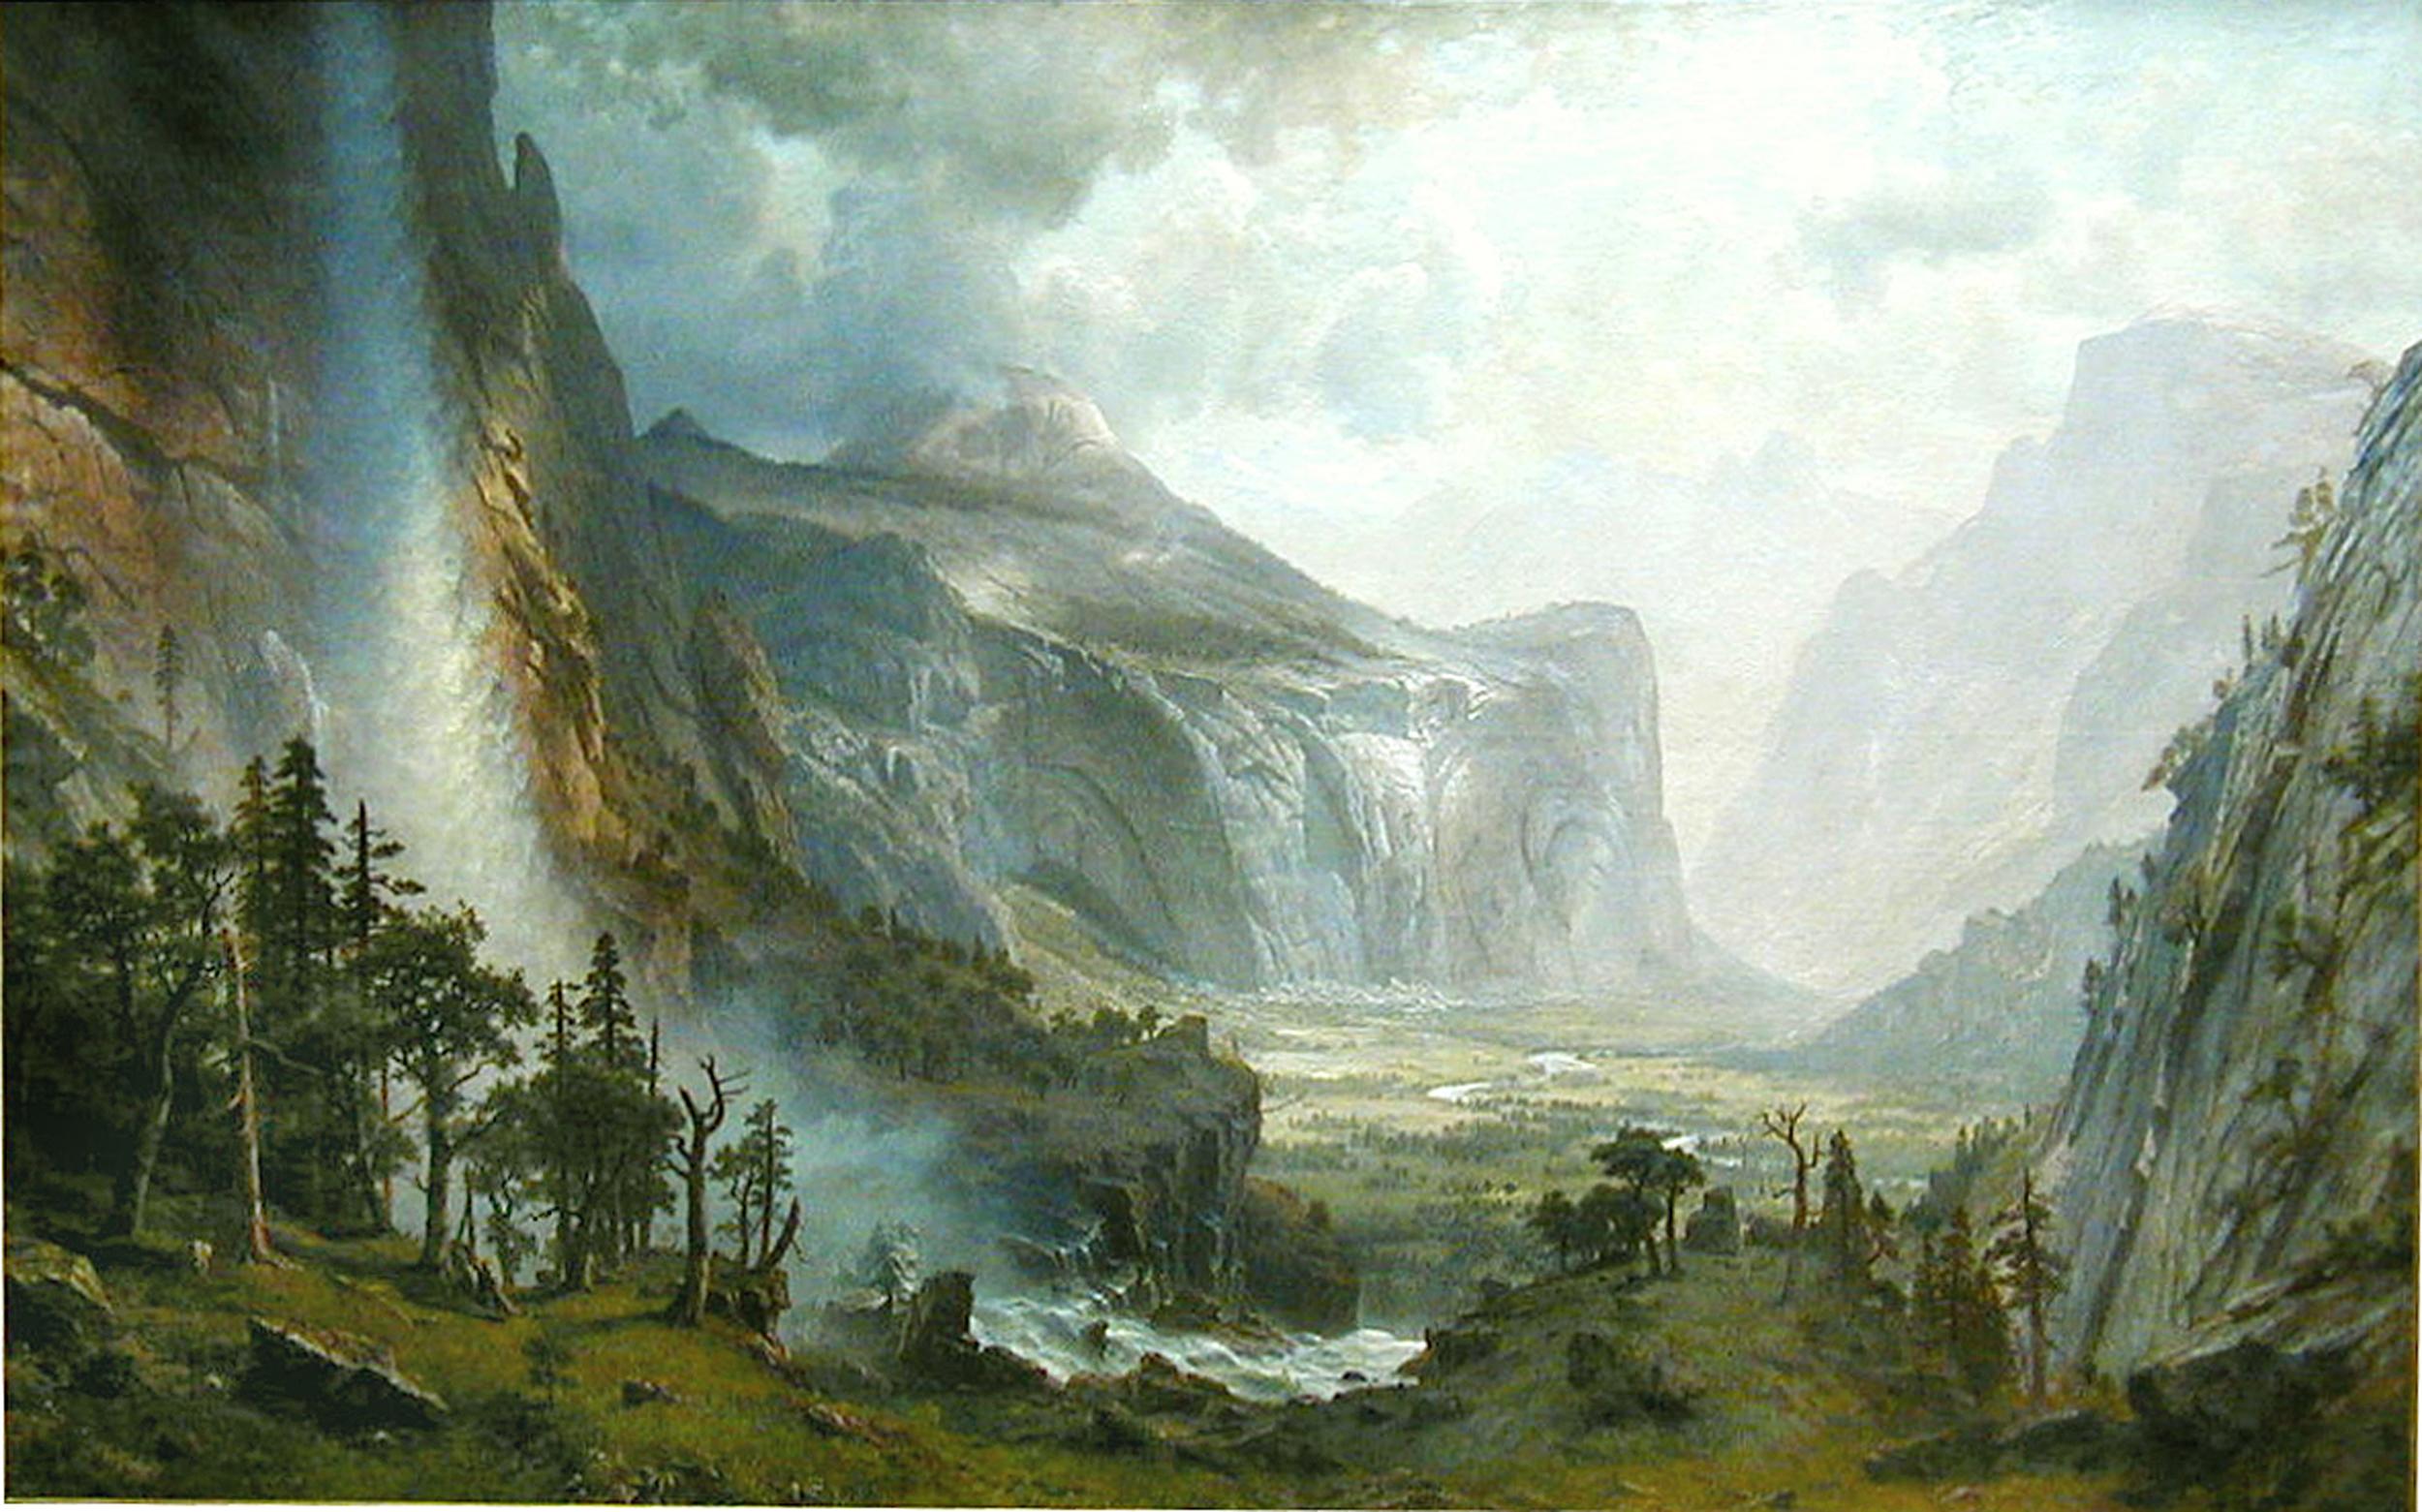 Albert Bierstadt's  The Domes of the Yosemite, 1867